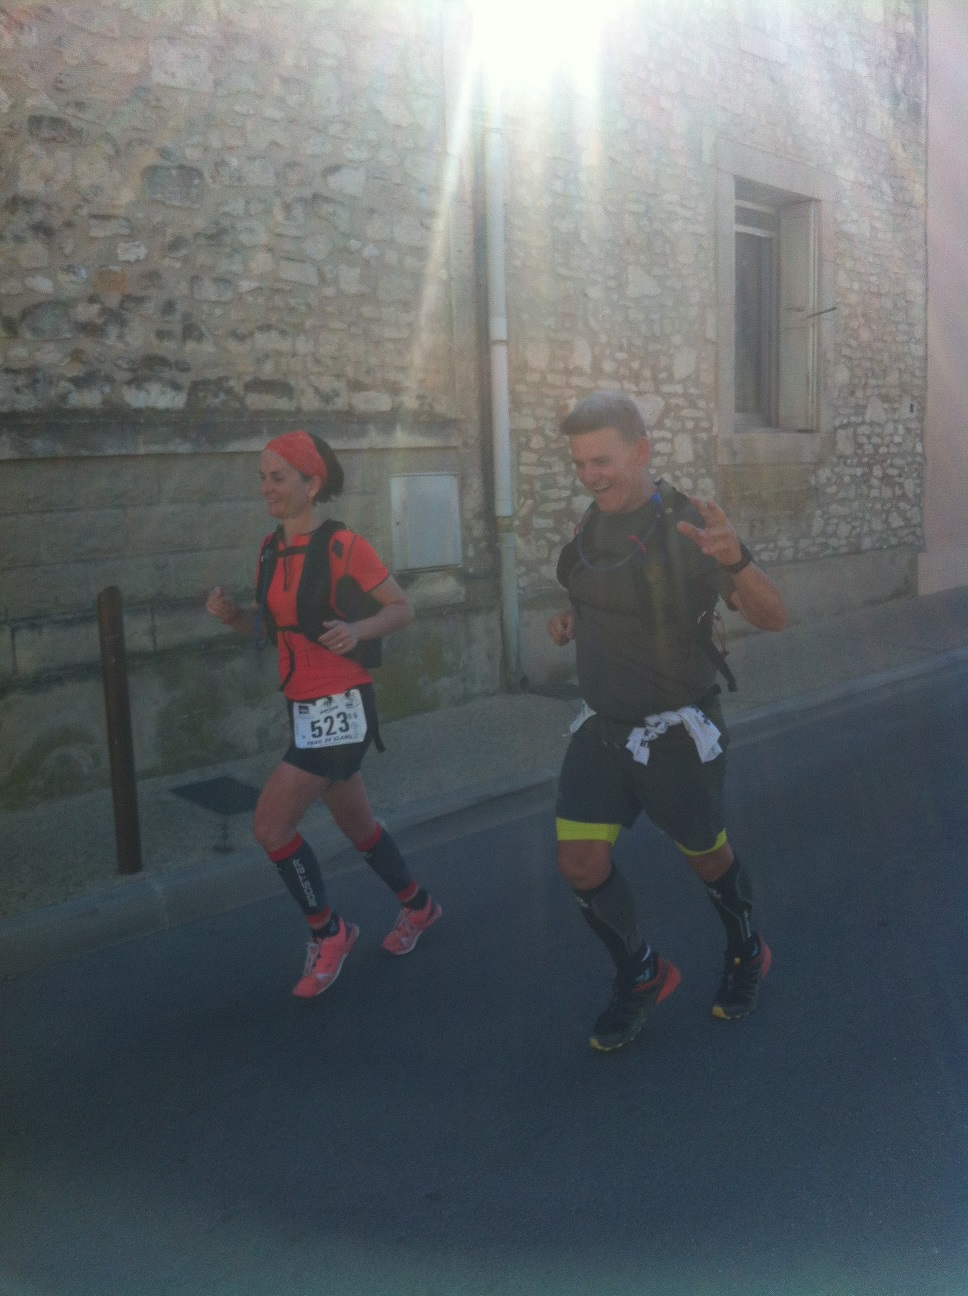 23-Bérengère et Eric, arrivée triomphale!